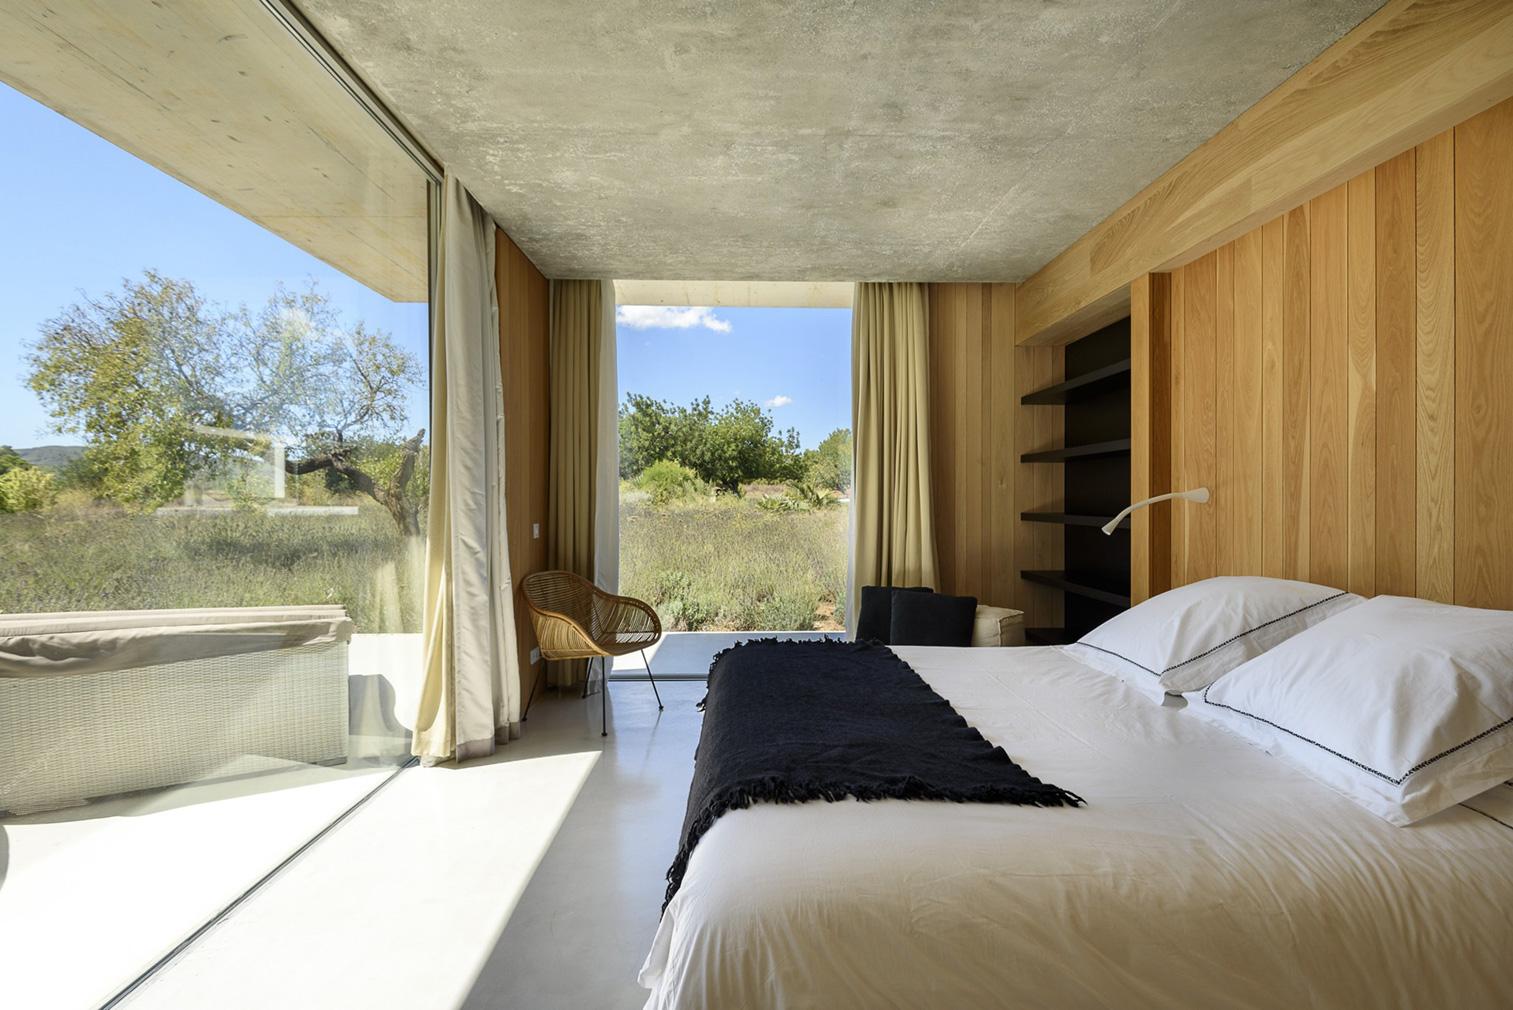 Holiday home of the week: an Ibizan villa by fashion designer Barbara Boccara